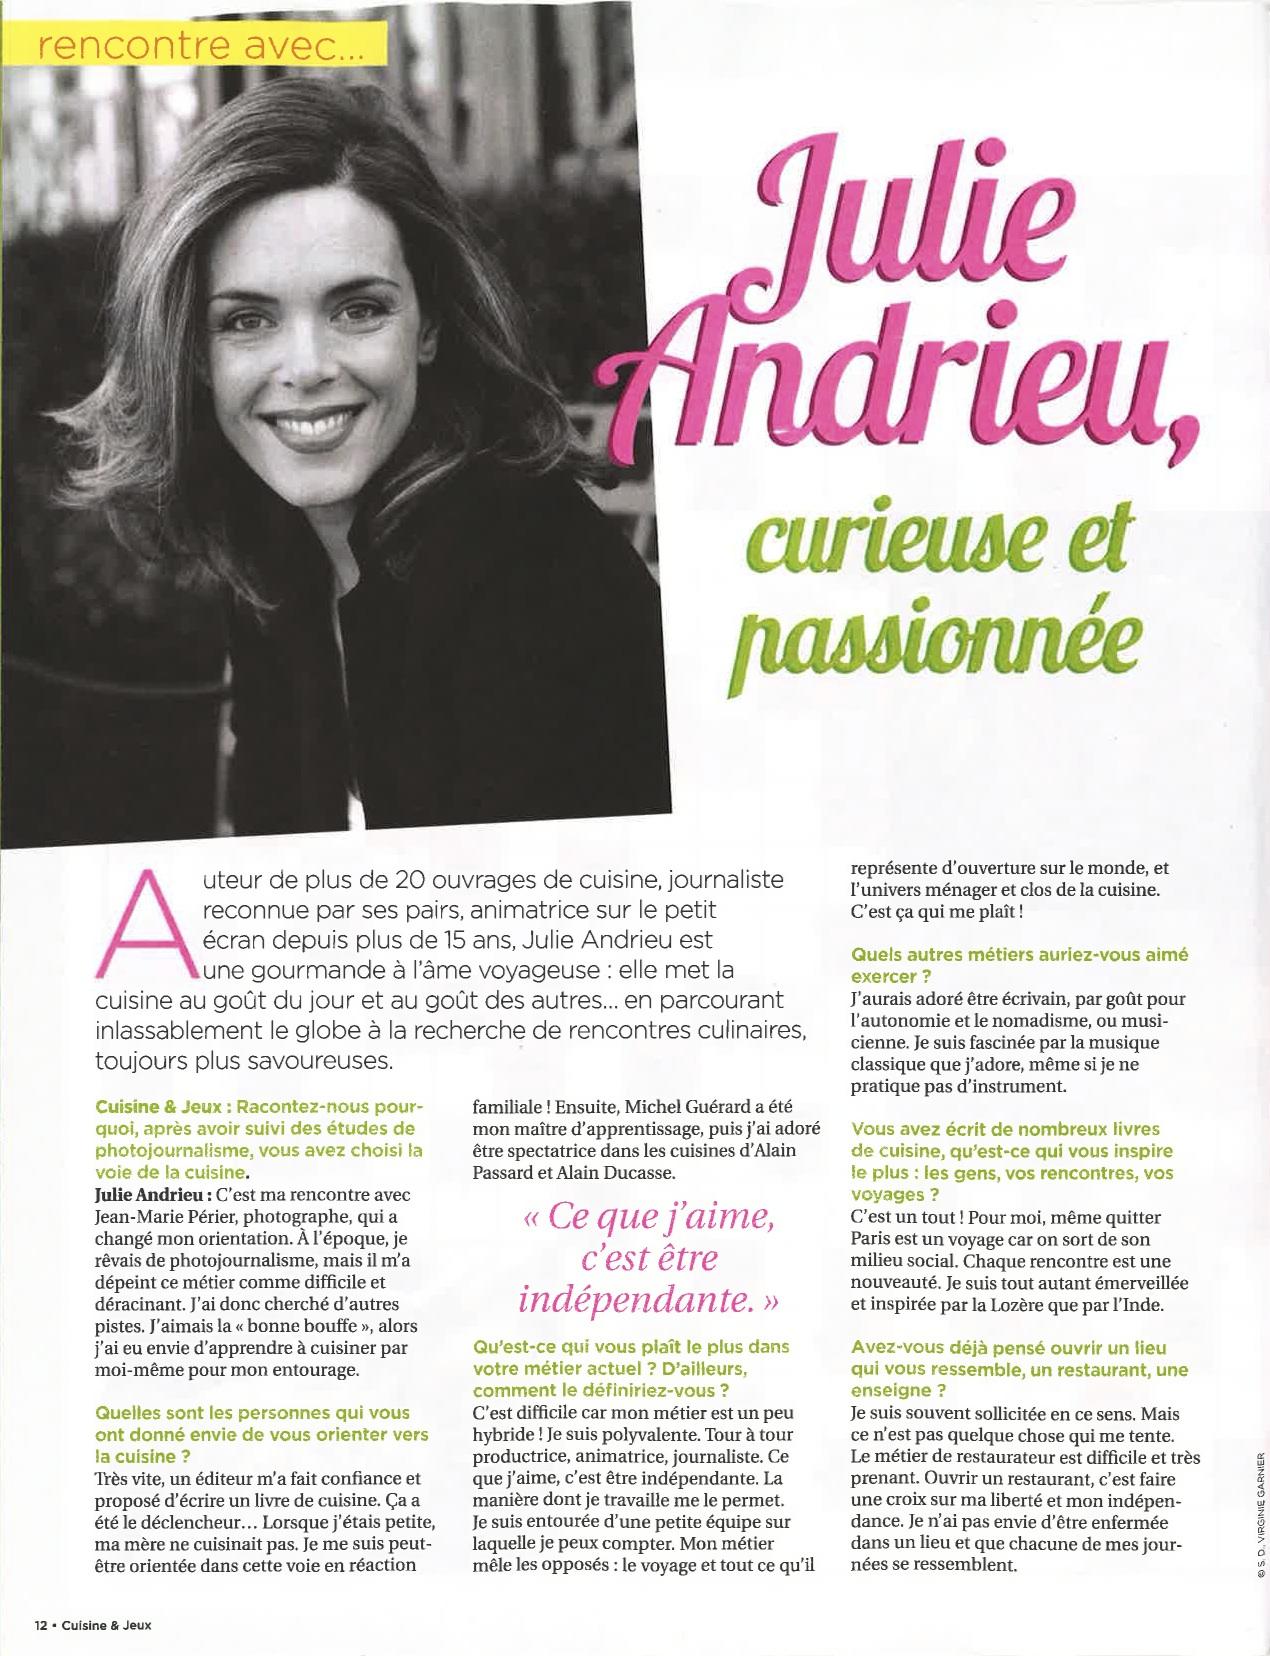 Julie Andrieu, curieuse et passionnée – Cuisine & Jeux